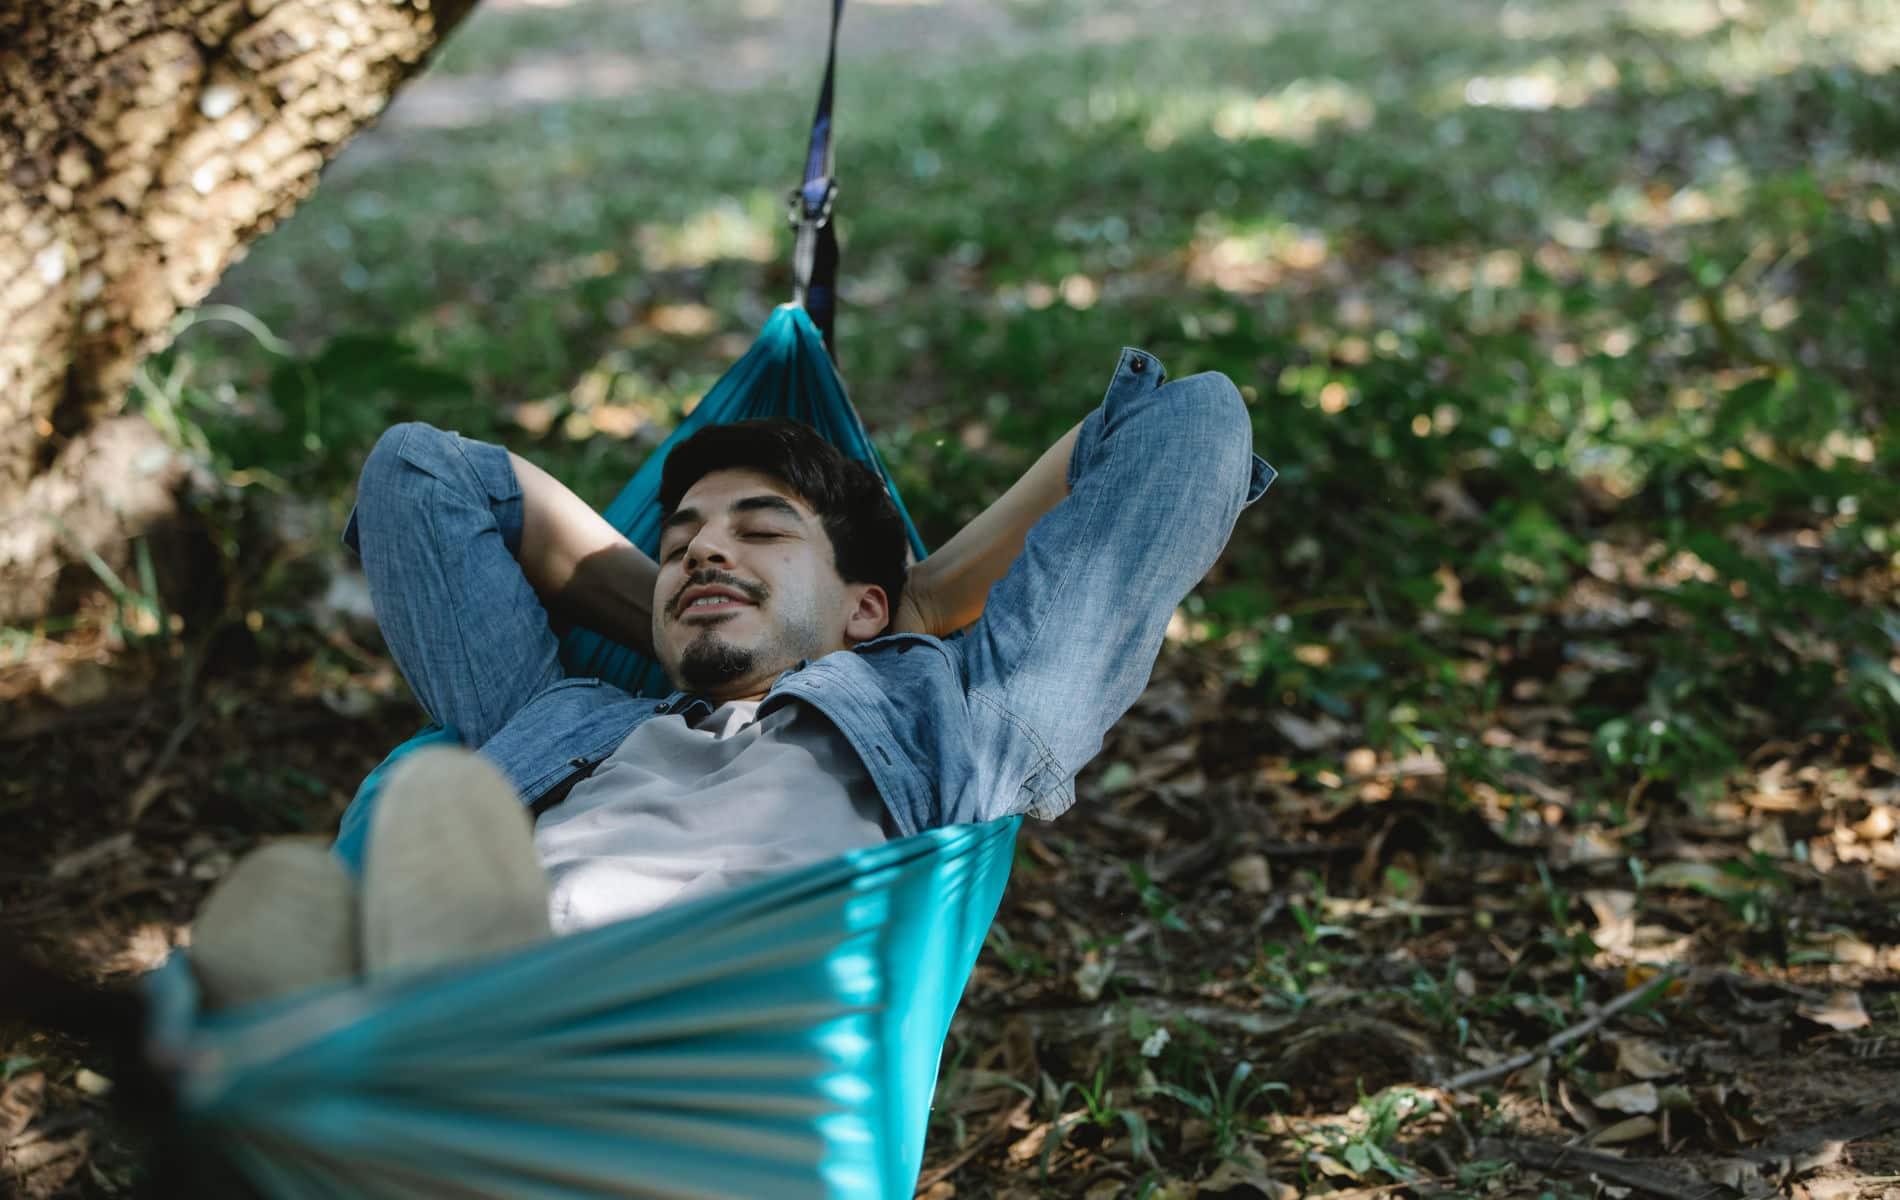 Mann liegt in der Hängematte und entspannt sich